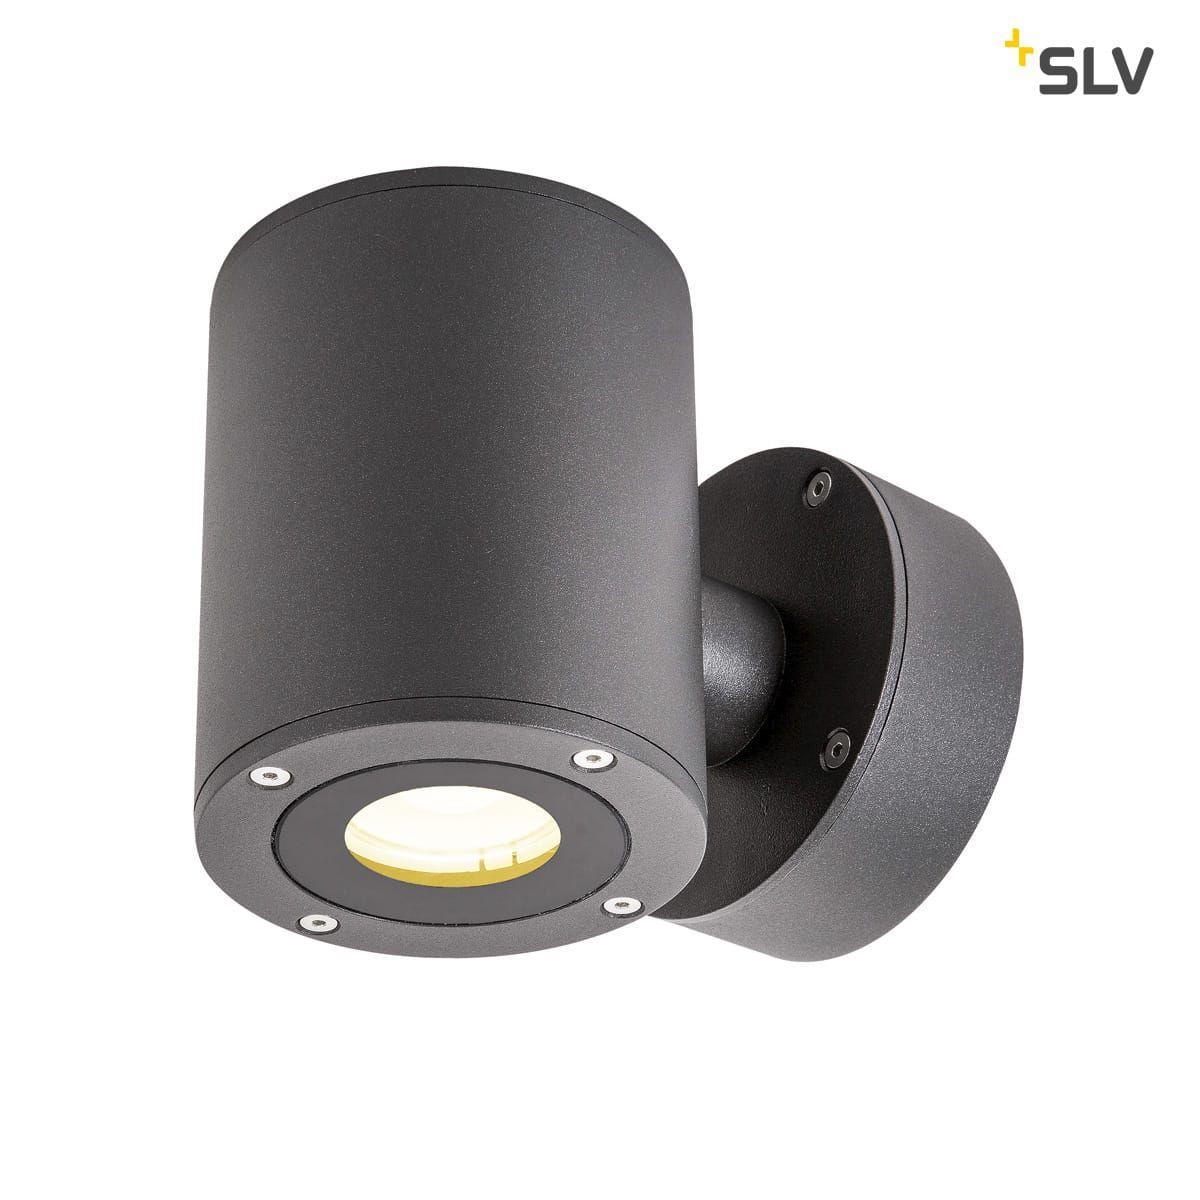 SLV 1002017 SITRA WL LED Outdoor Wandaufbauleuchte weiß IP44